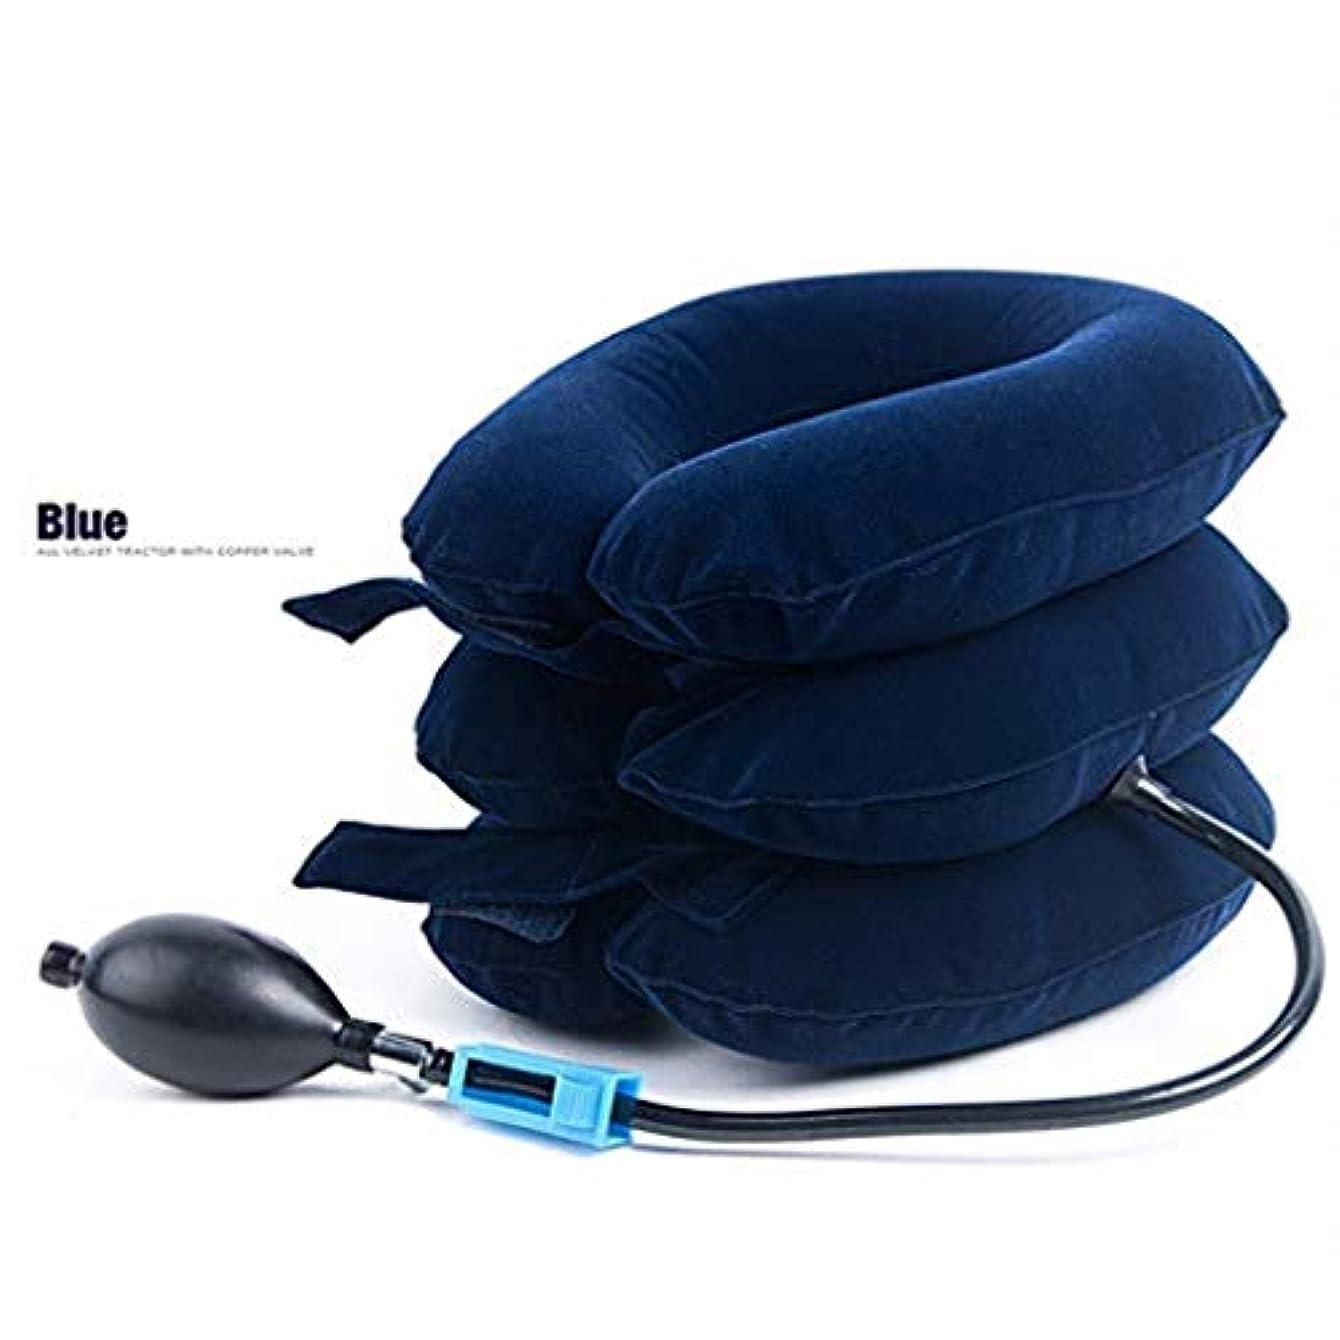 穴結晶ワイヤー首のマッサージャー、膨脹可能なマッサージの首の枕、頚部頚部牽引装置、背部/肩の首のマッサージャー、ヘルスケア (Color : Biue)